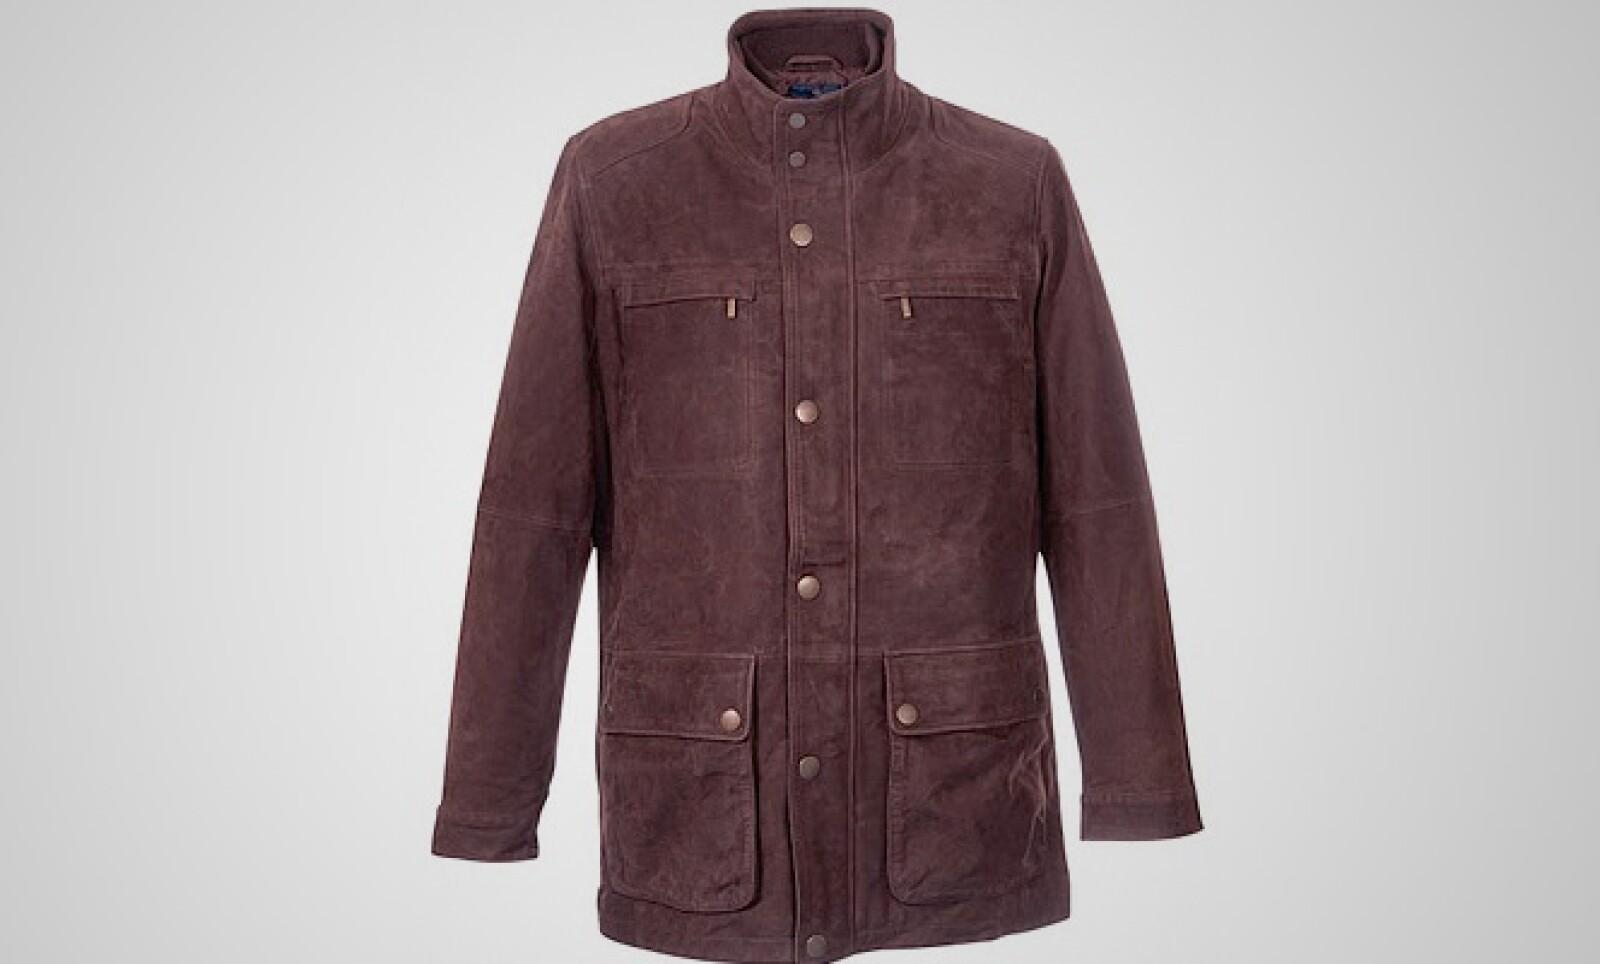 Una chamarra de pana en color café y con cuello alto, la cual puedes combinar con casi cualquier material como el algodón o el lino.